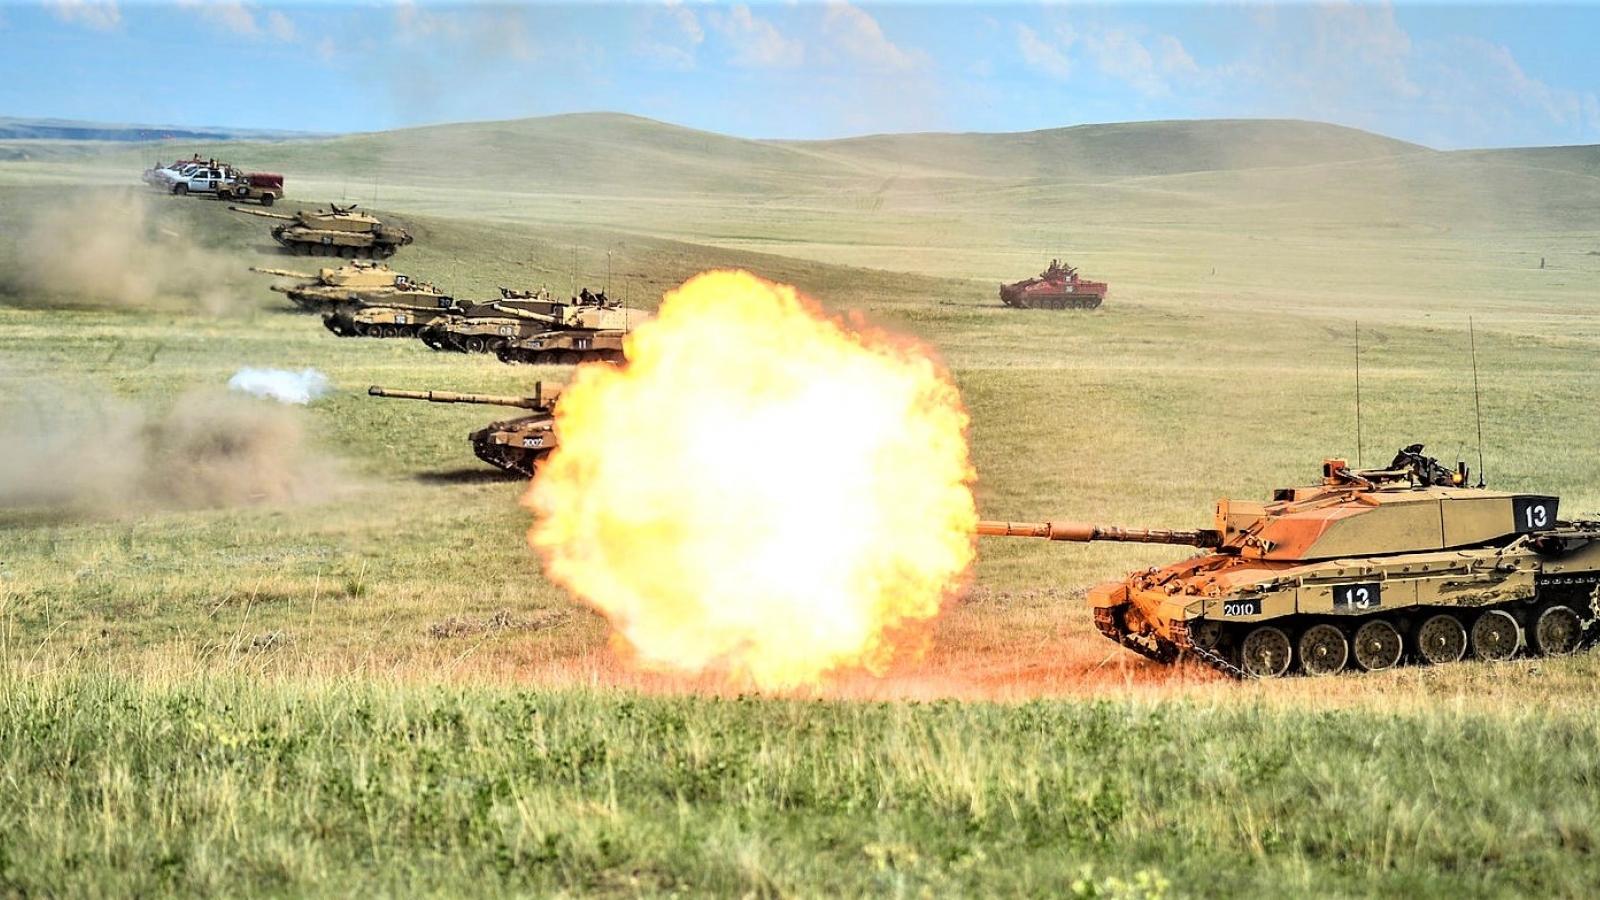 Anh loại bỏ xe tăng khỏi trang bị có là ý tưởng thức thời?